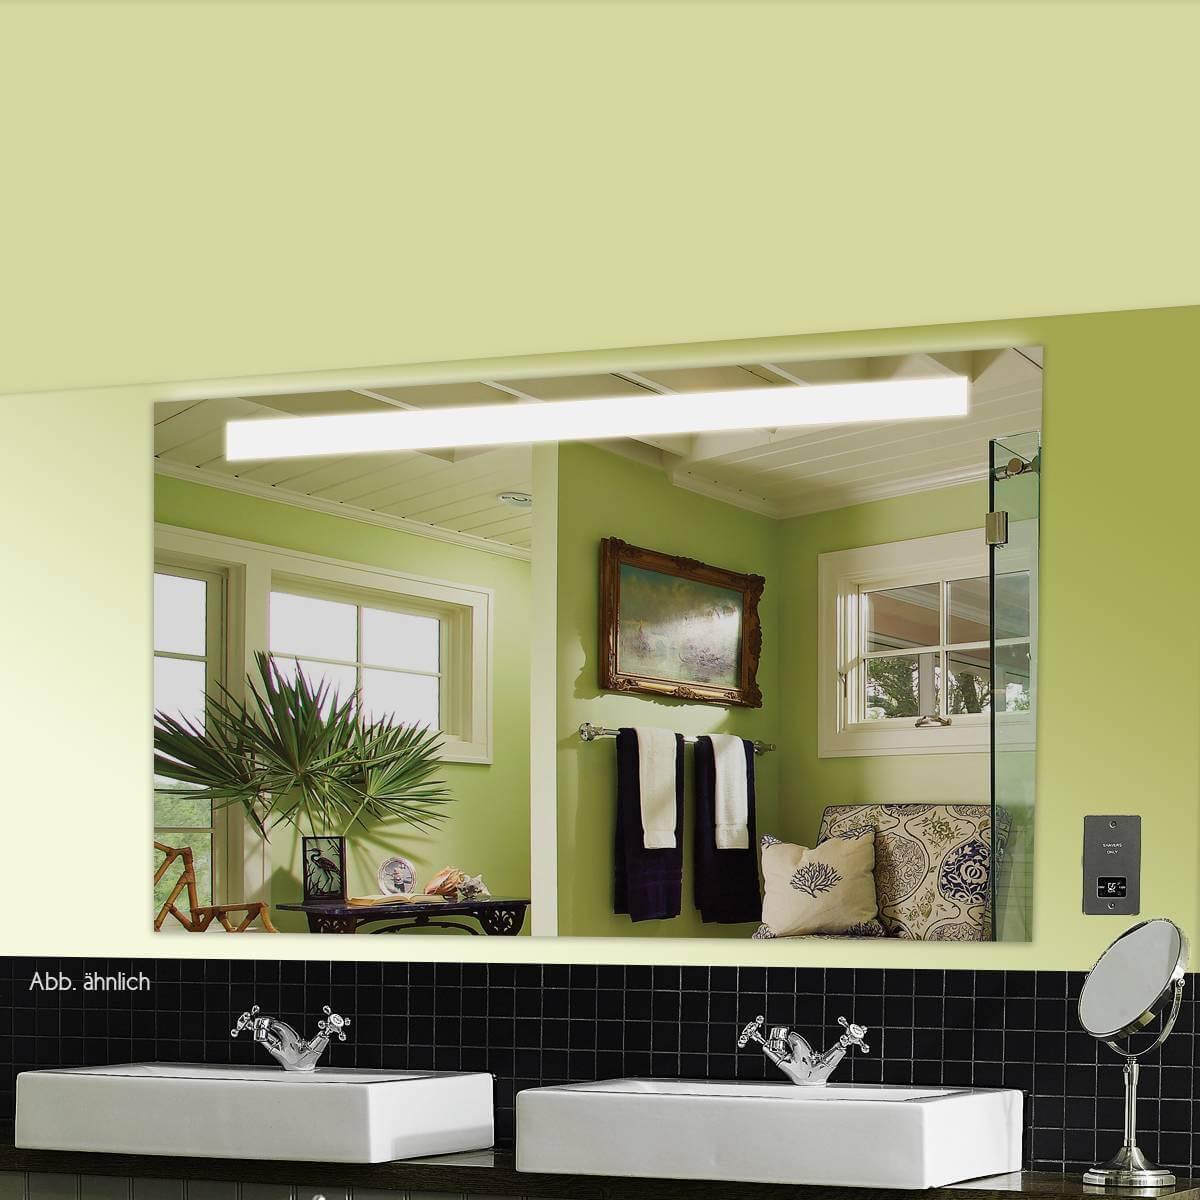 badspiegel mit beleuchtung spiegel t v gepr ft kostenloser versand. Black Bedroom Furniture Sets. Home Design Ideas